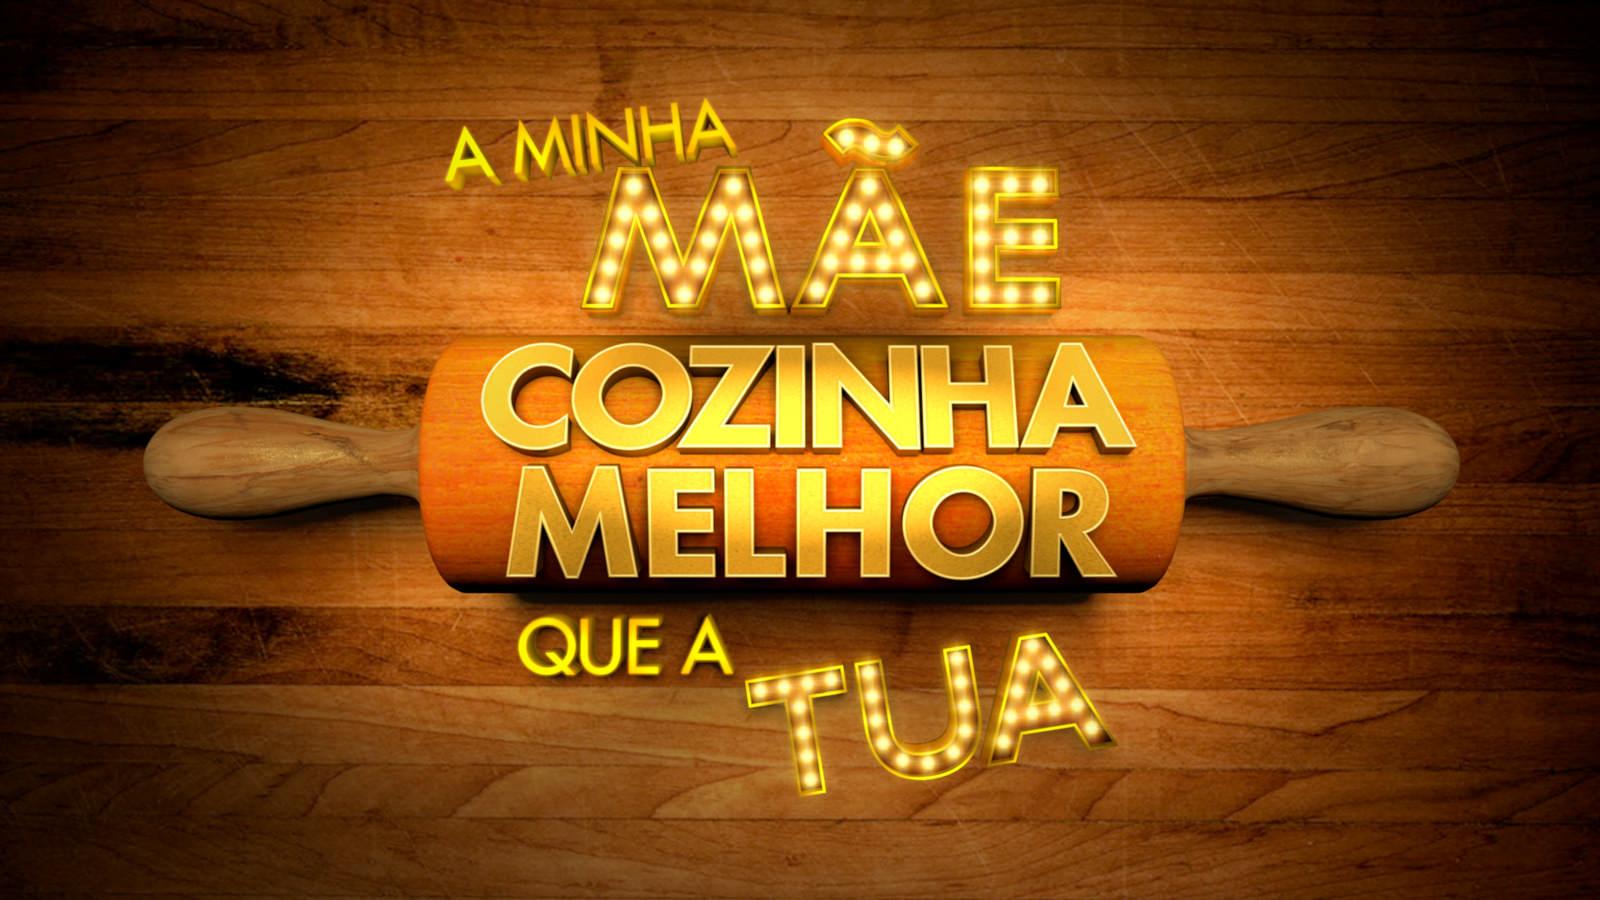 A Minha Mãe Cozinha Melhor Que a Tua - RTP - José Carlos Malato